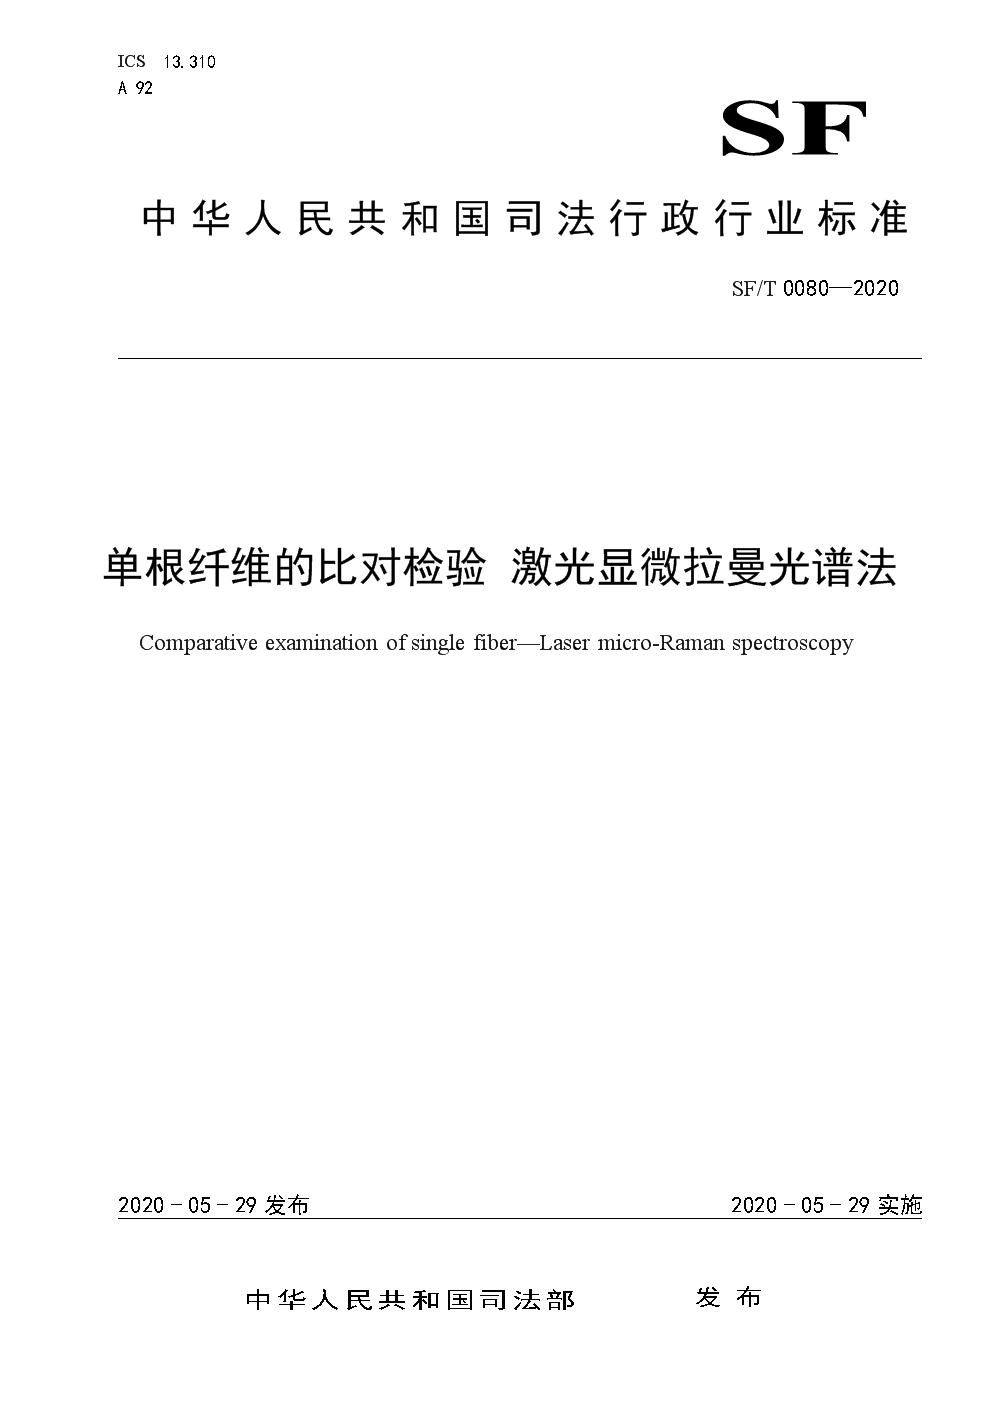 SF_T 0080-2020單根纖維的比對檢驗 激光顯微拉曼光譜法.docx